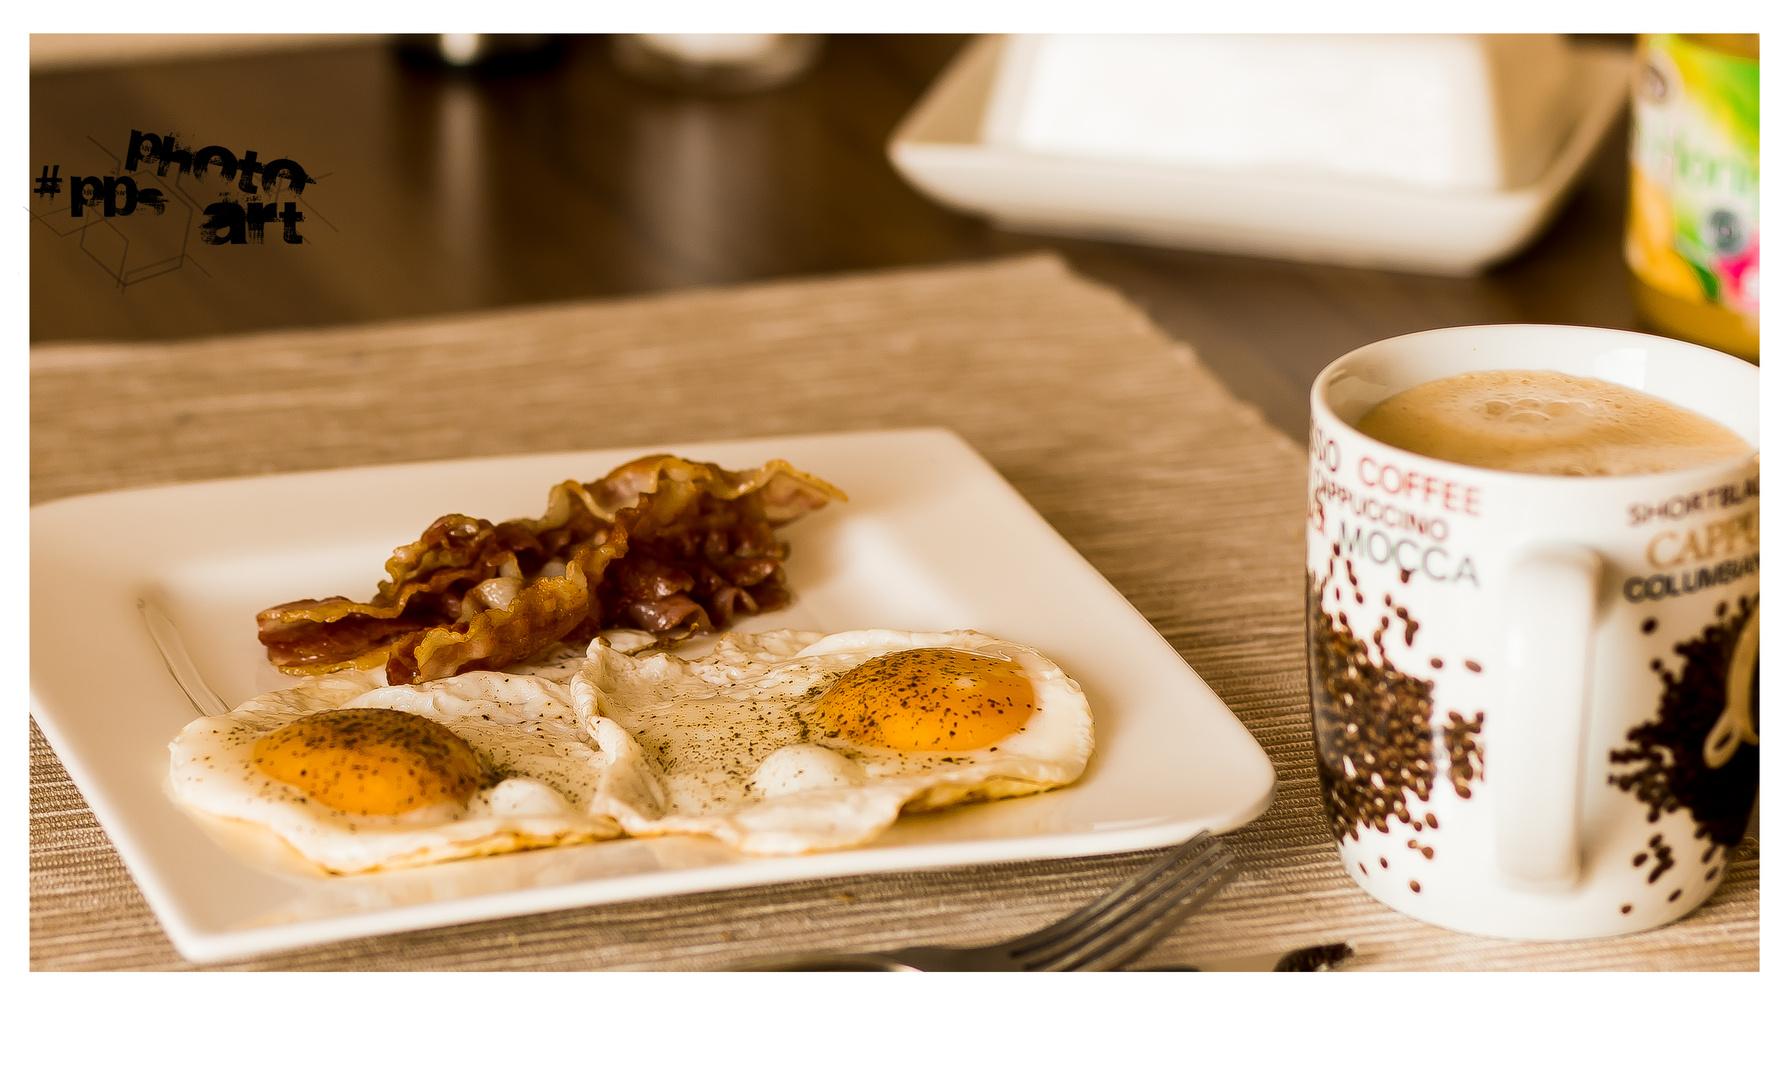 Frühstück Bacon & Ei und eine Tasse Kaffee Foto & Bild | stillleben ...